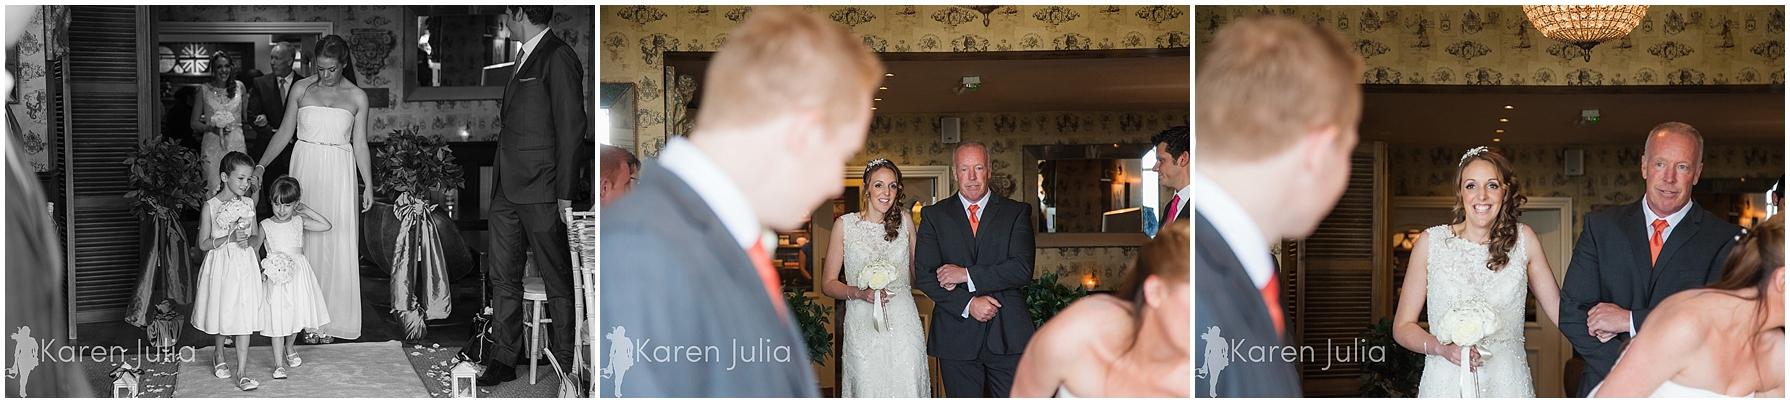 Shireburn-Arms-Wedding-Photography-15